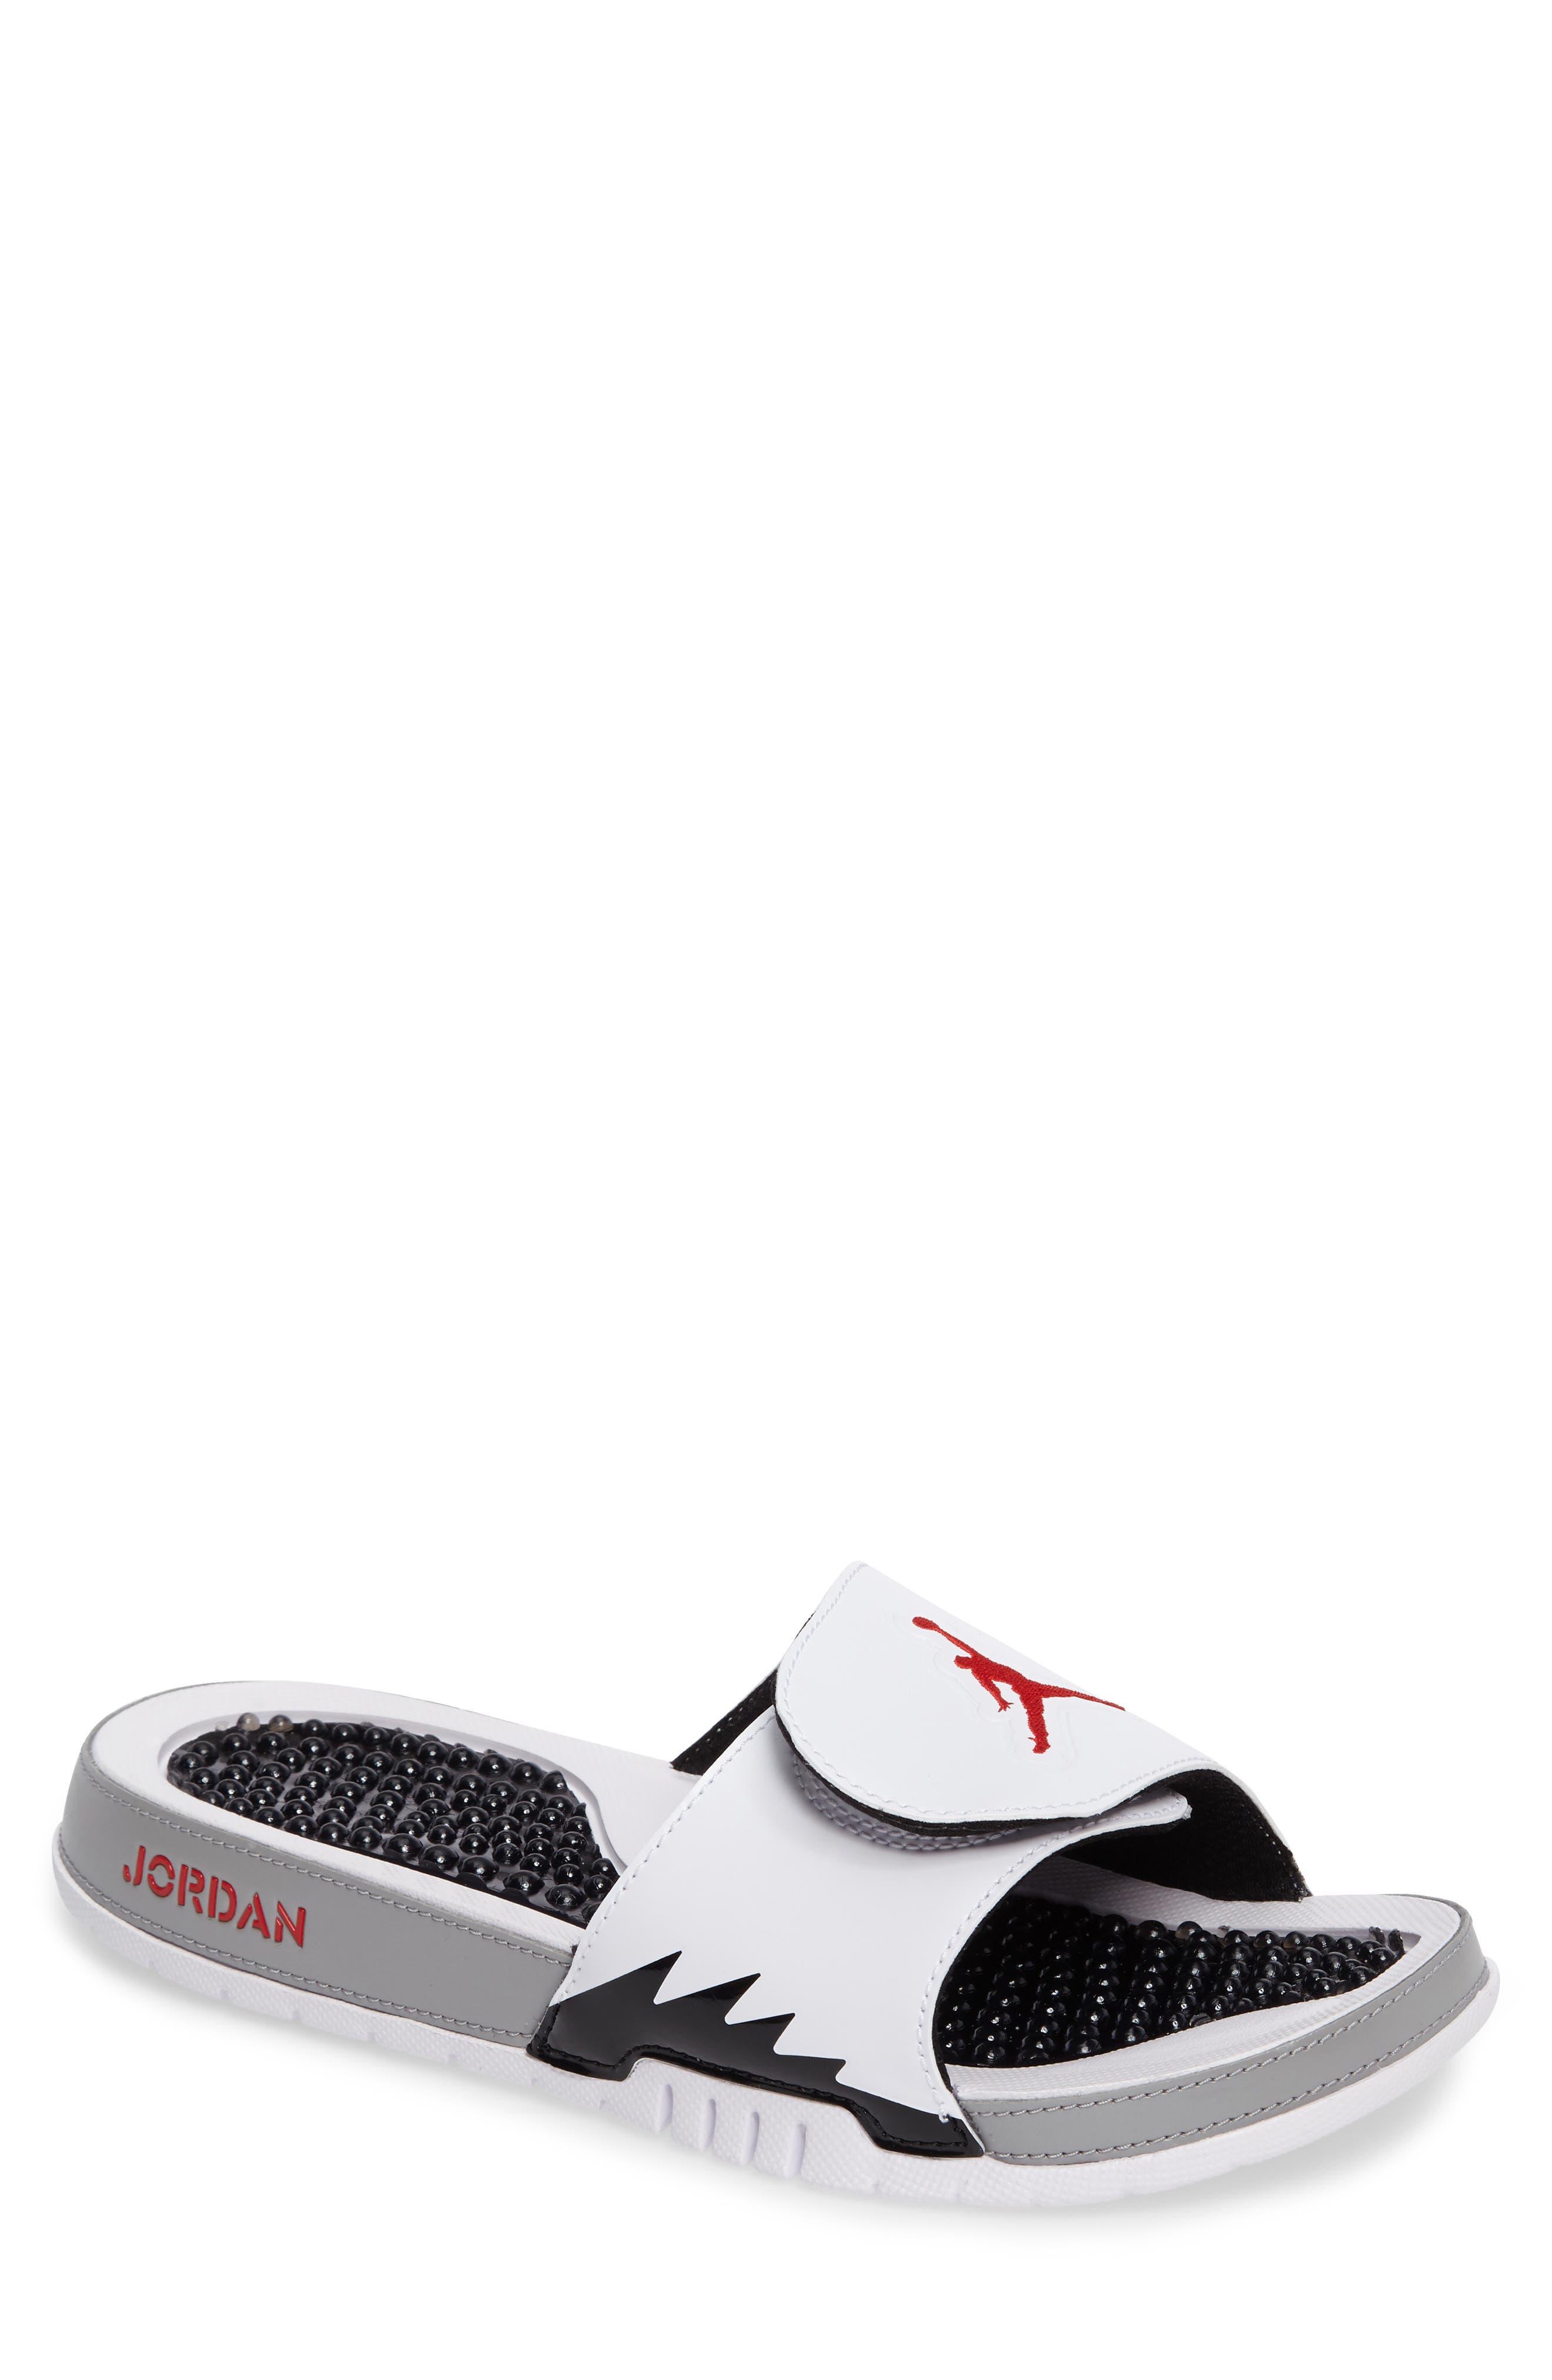 Alternate Image 1 Selected - Nike 'Jordan Hydro V Retro' Slide (Men)